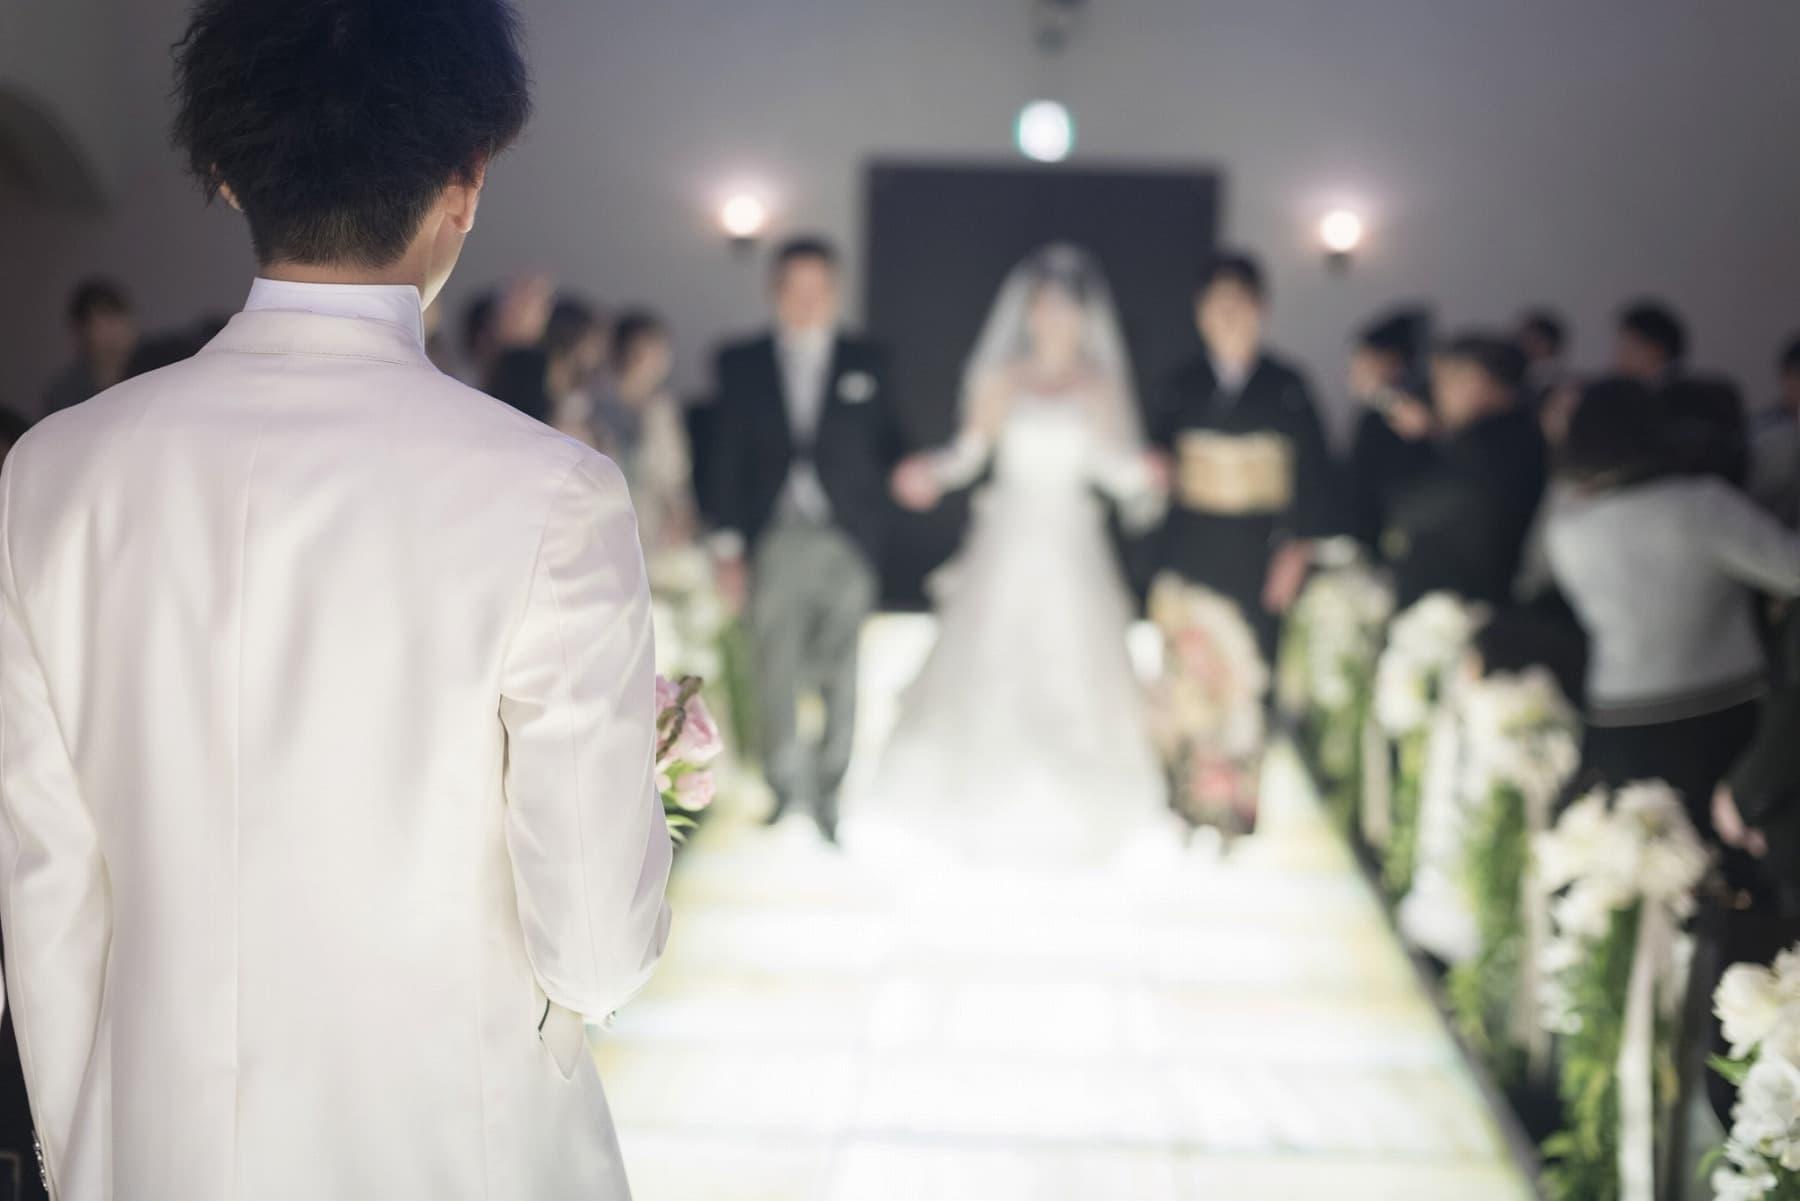 香川の結婚式場シェルエメール&アイスタイル 大聖堂